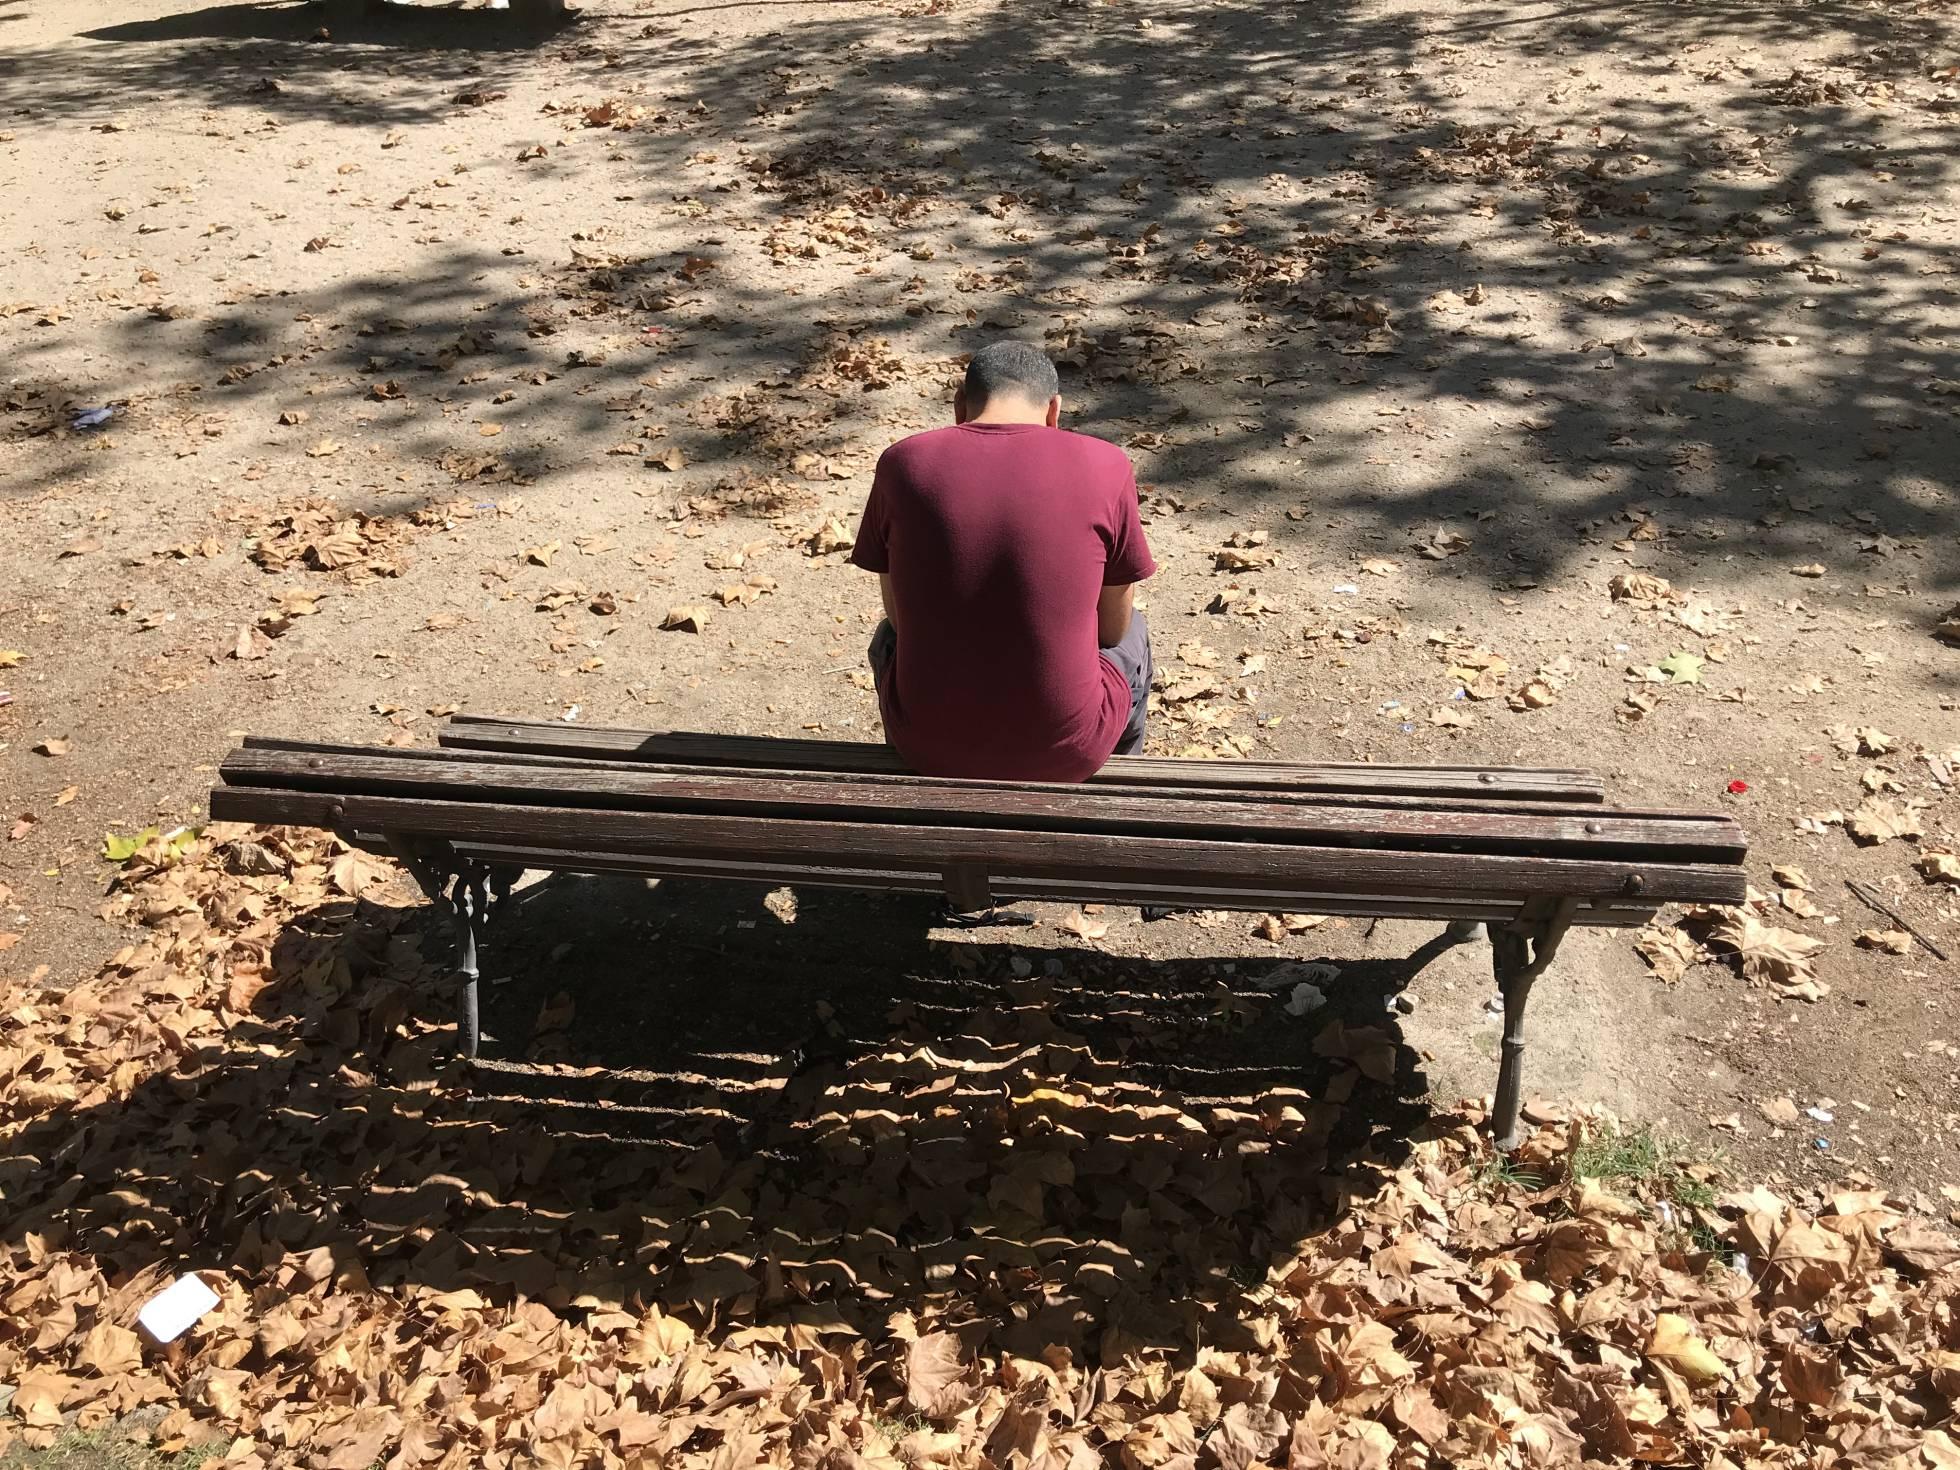 La Comunidad de Madrid exige saber cuánto ganan los mendigos